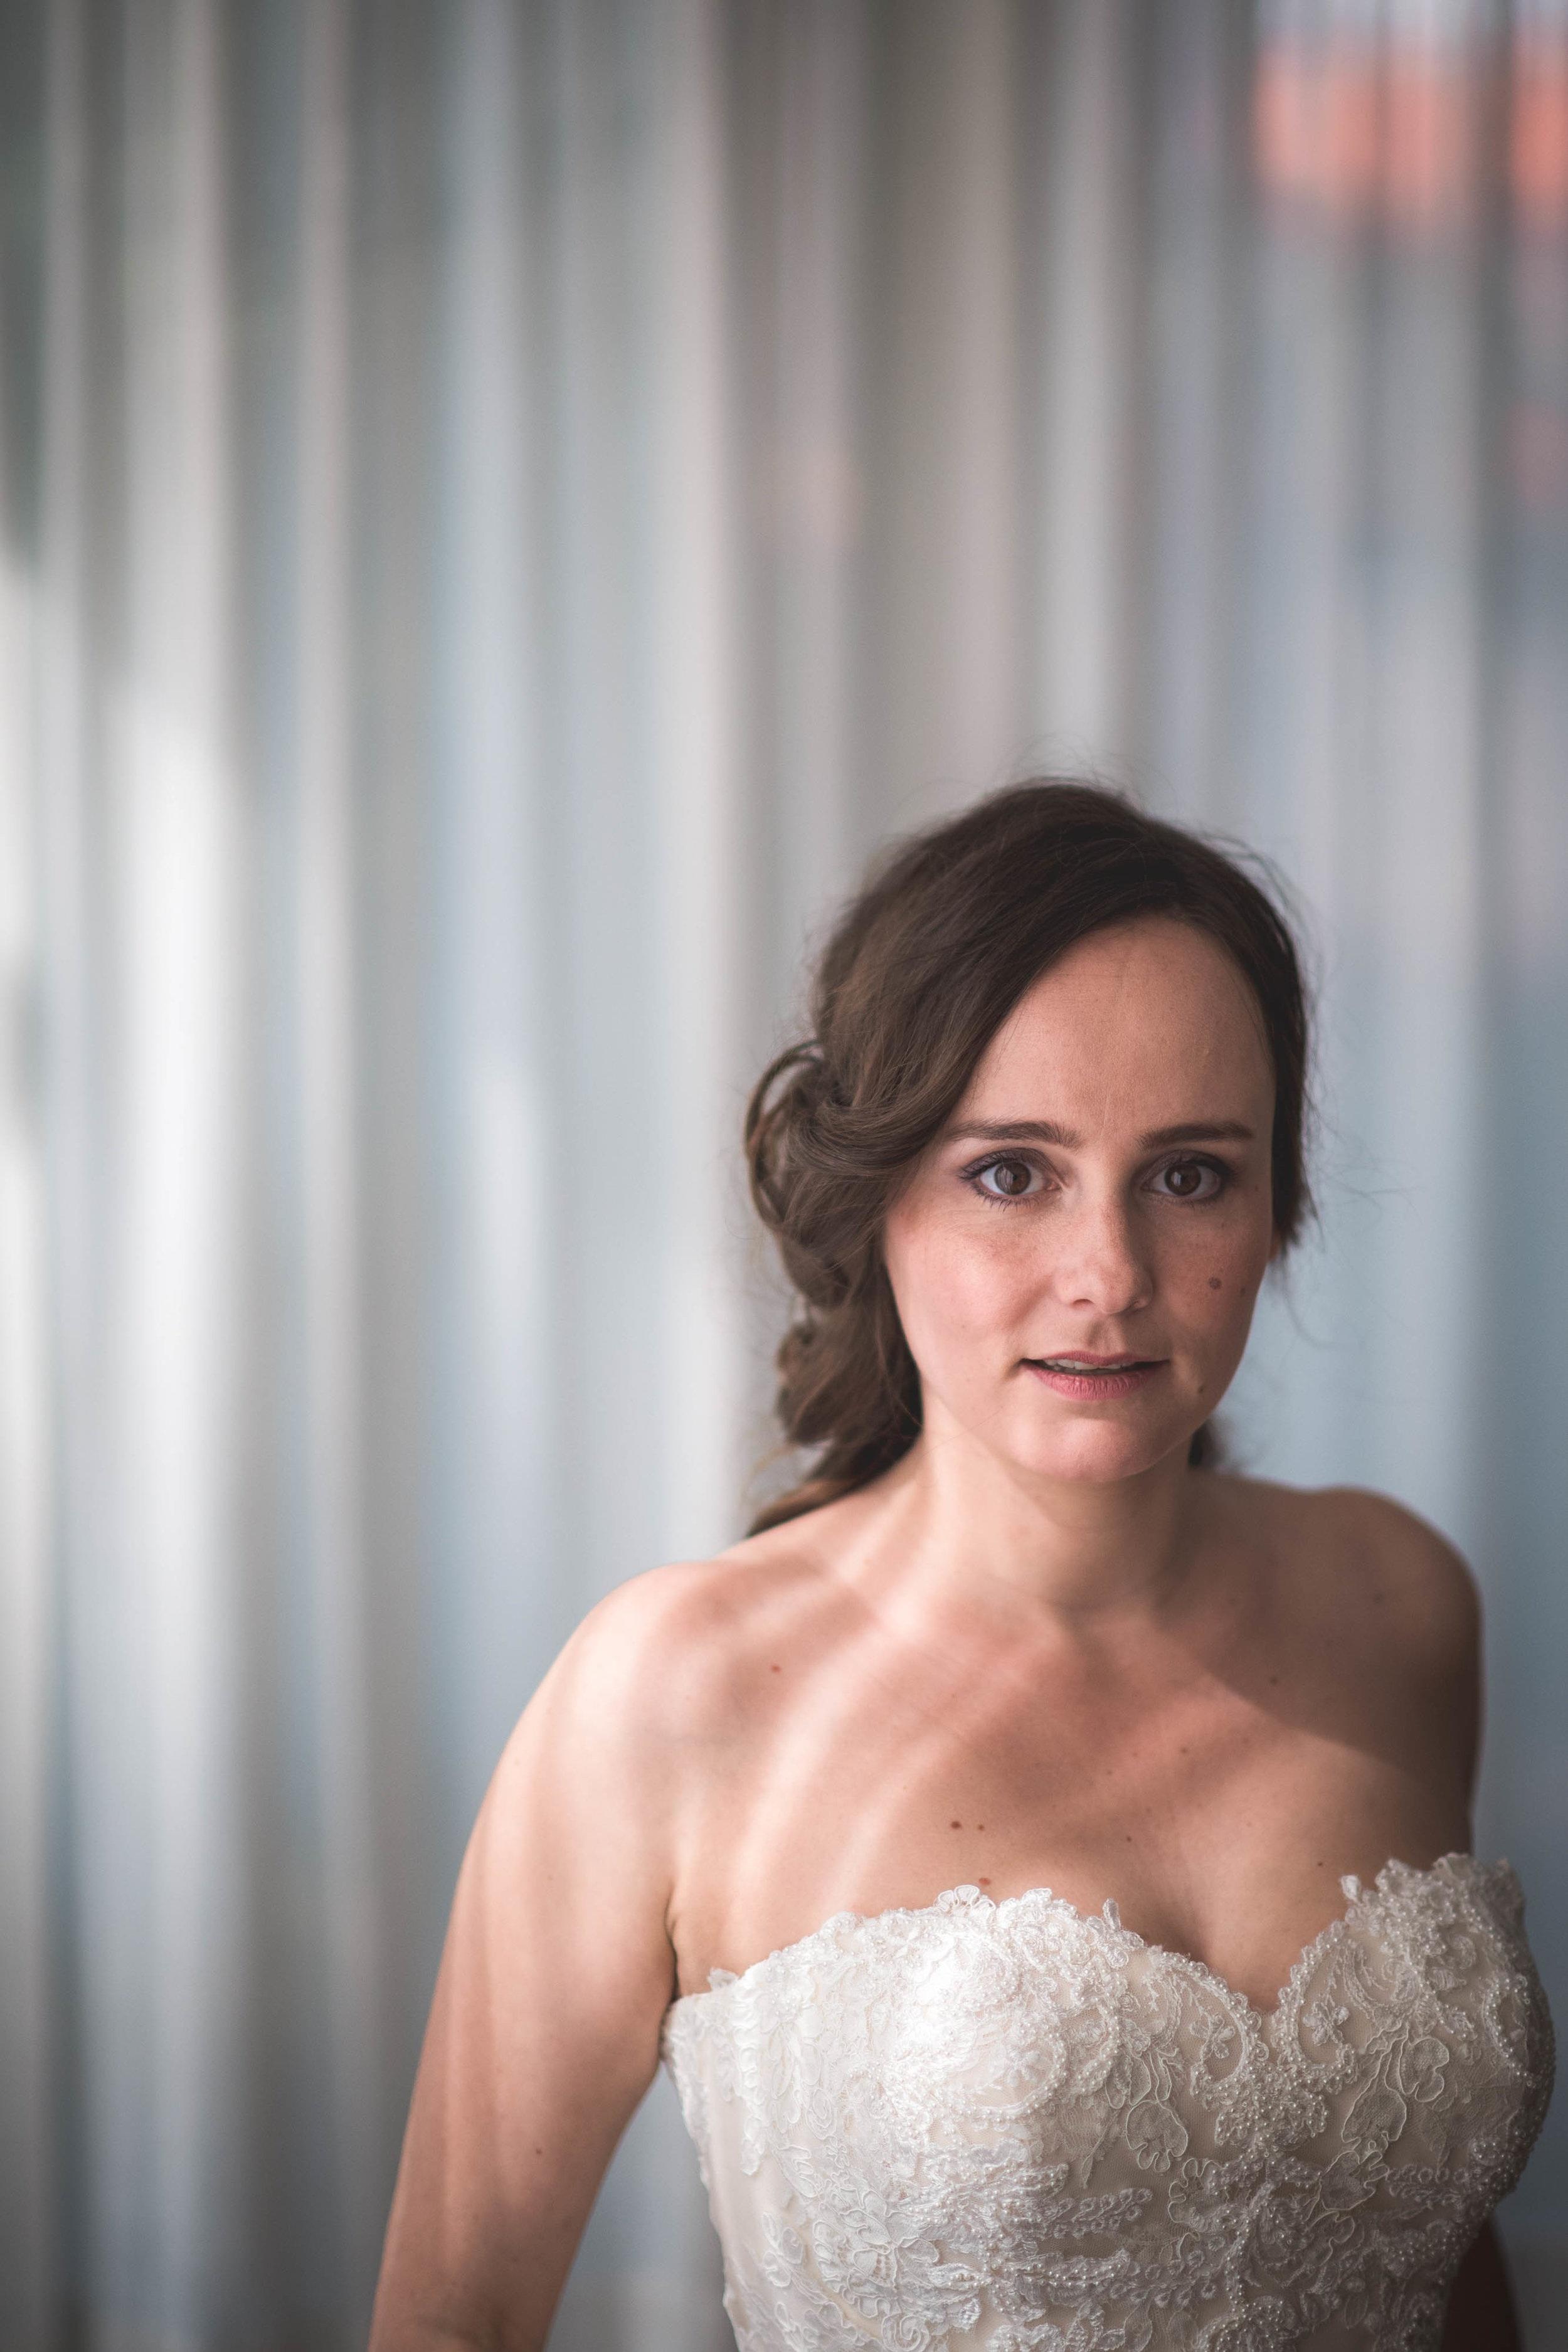 Een portret van de bruid nadat ze klaar is met haar, make-up en haar bruidsjurk aan heeft.